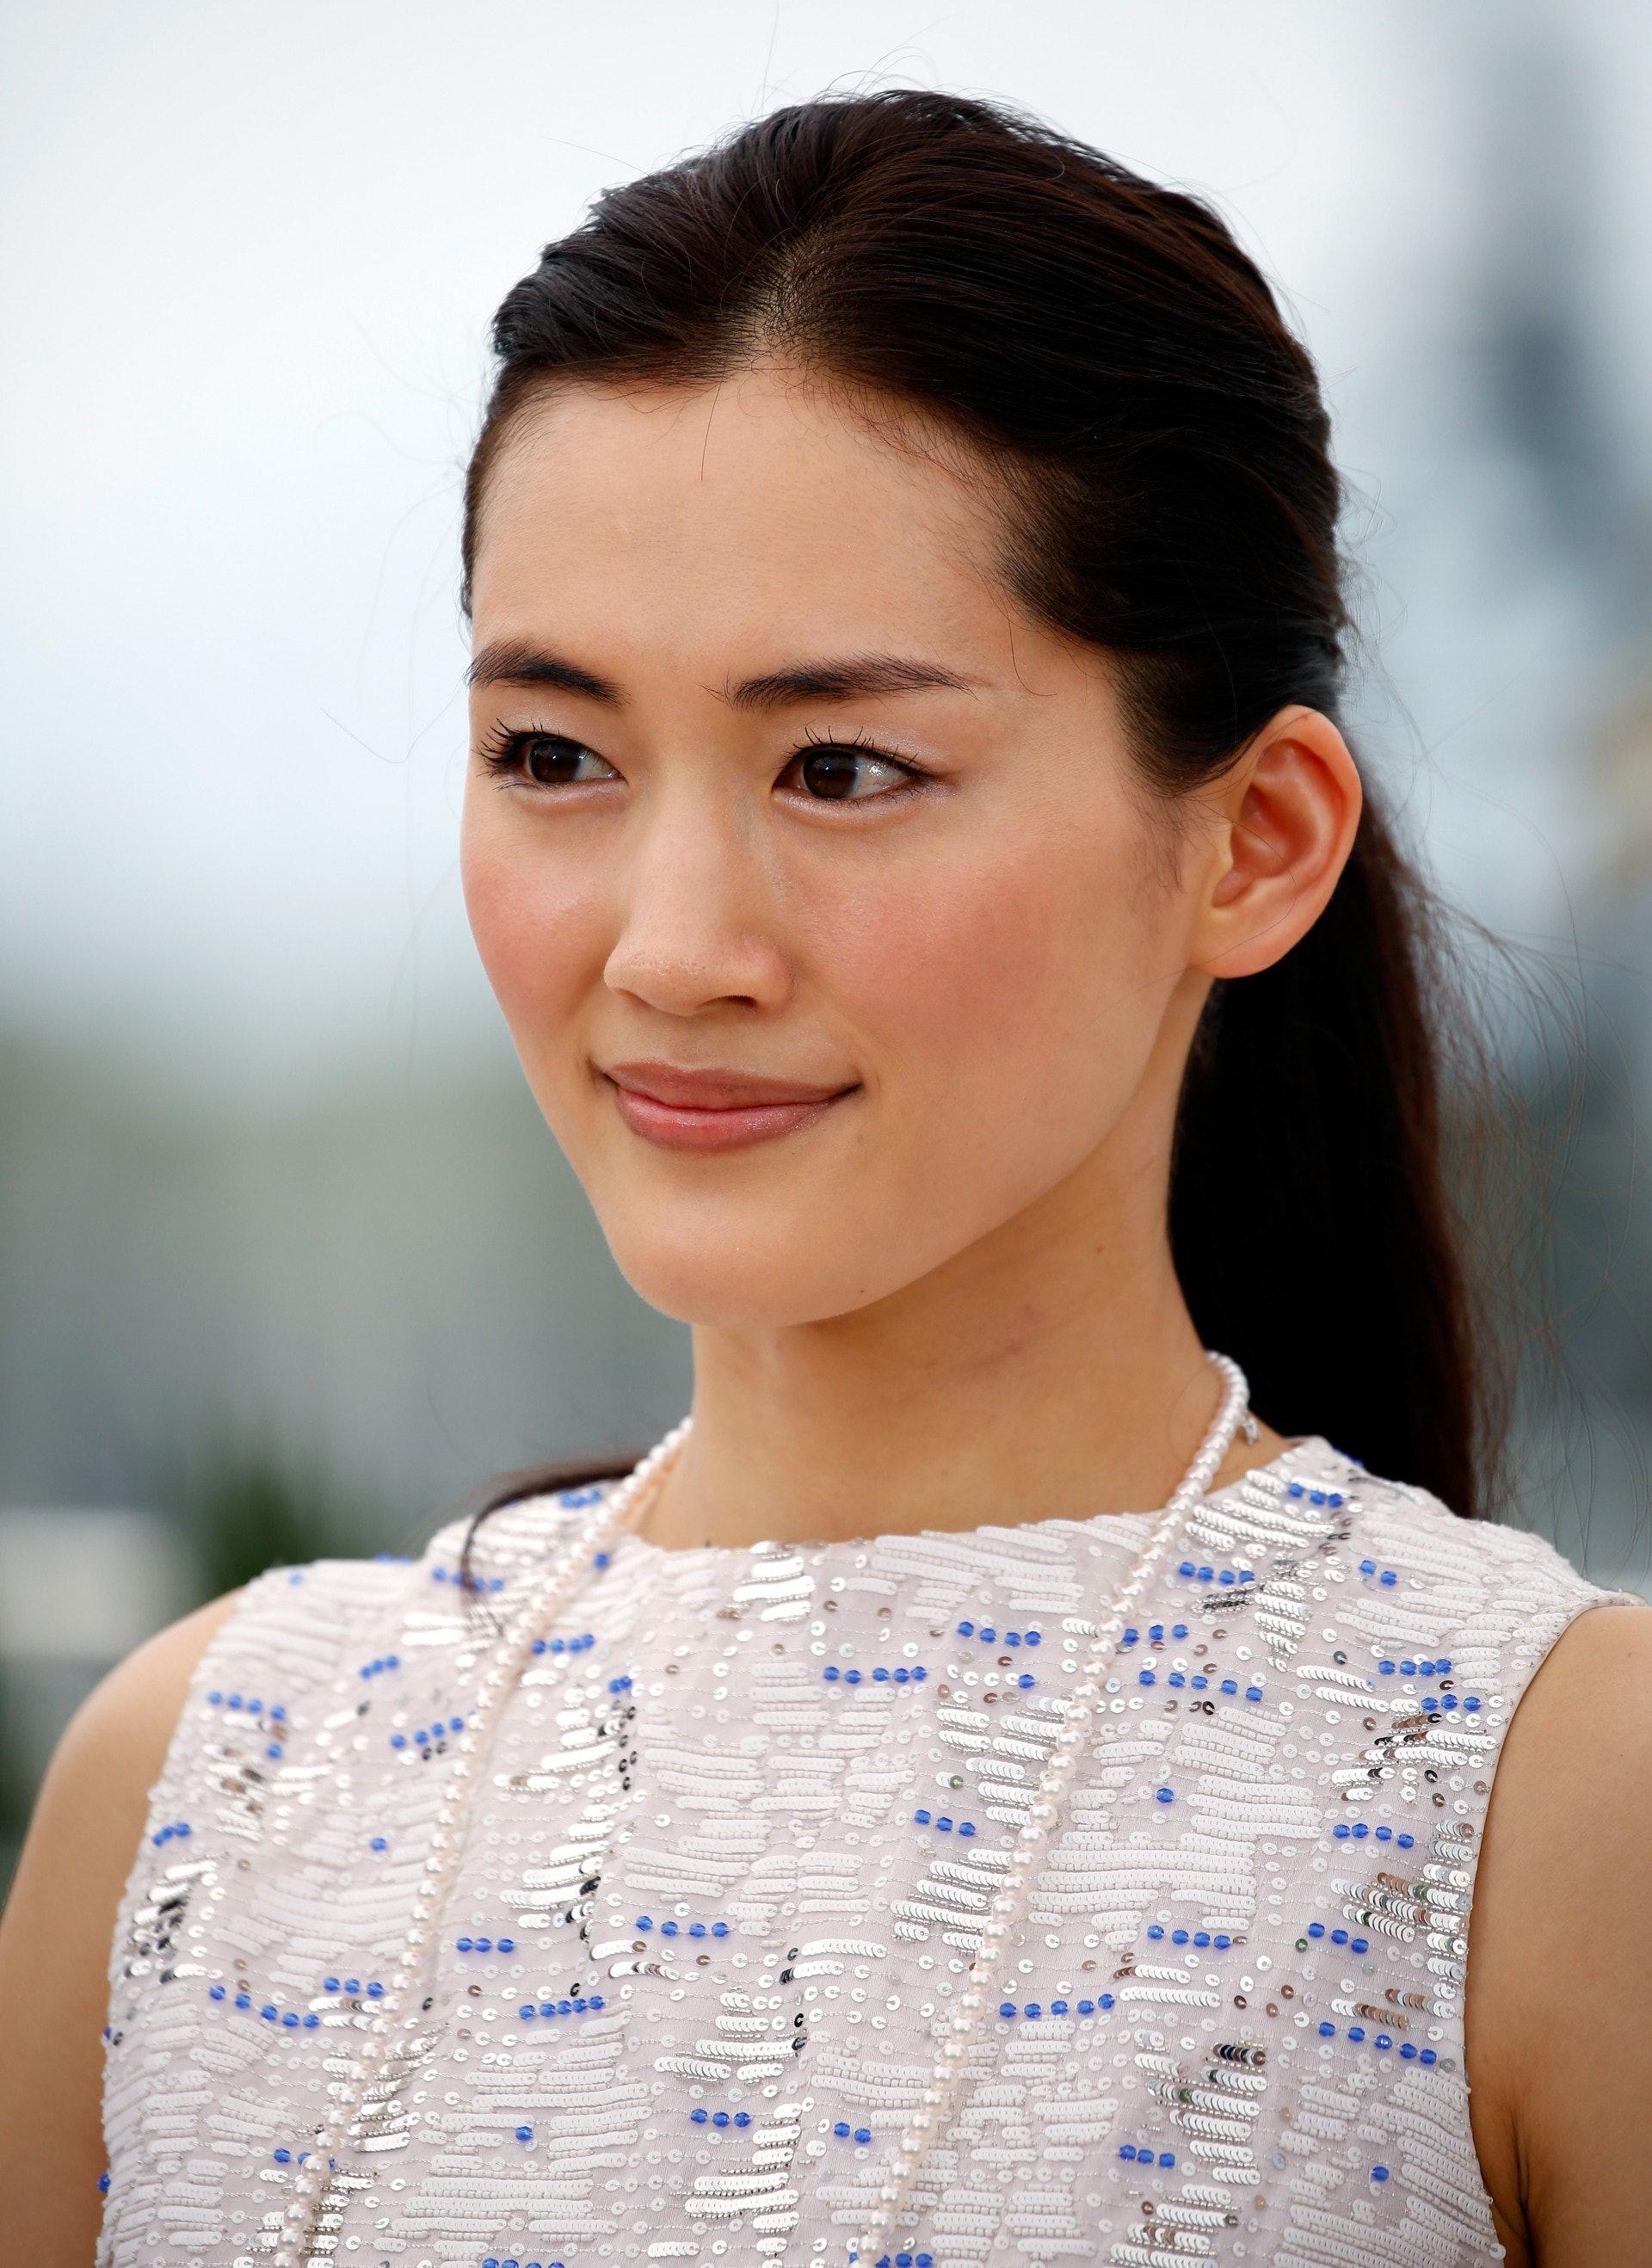 筆者還記得2004年她在《在世界中心呼喚愛》電視劇中飾演廣瀨亞紀時的精彩演出 (GETTY)